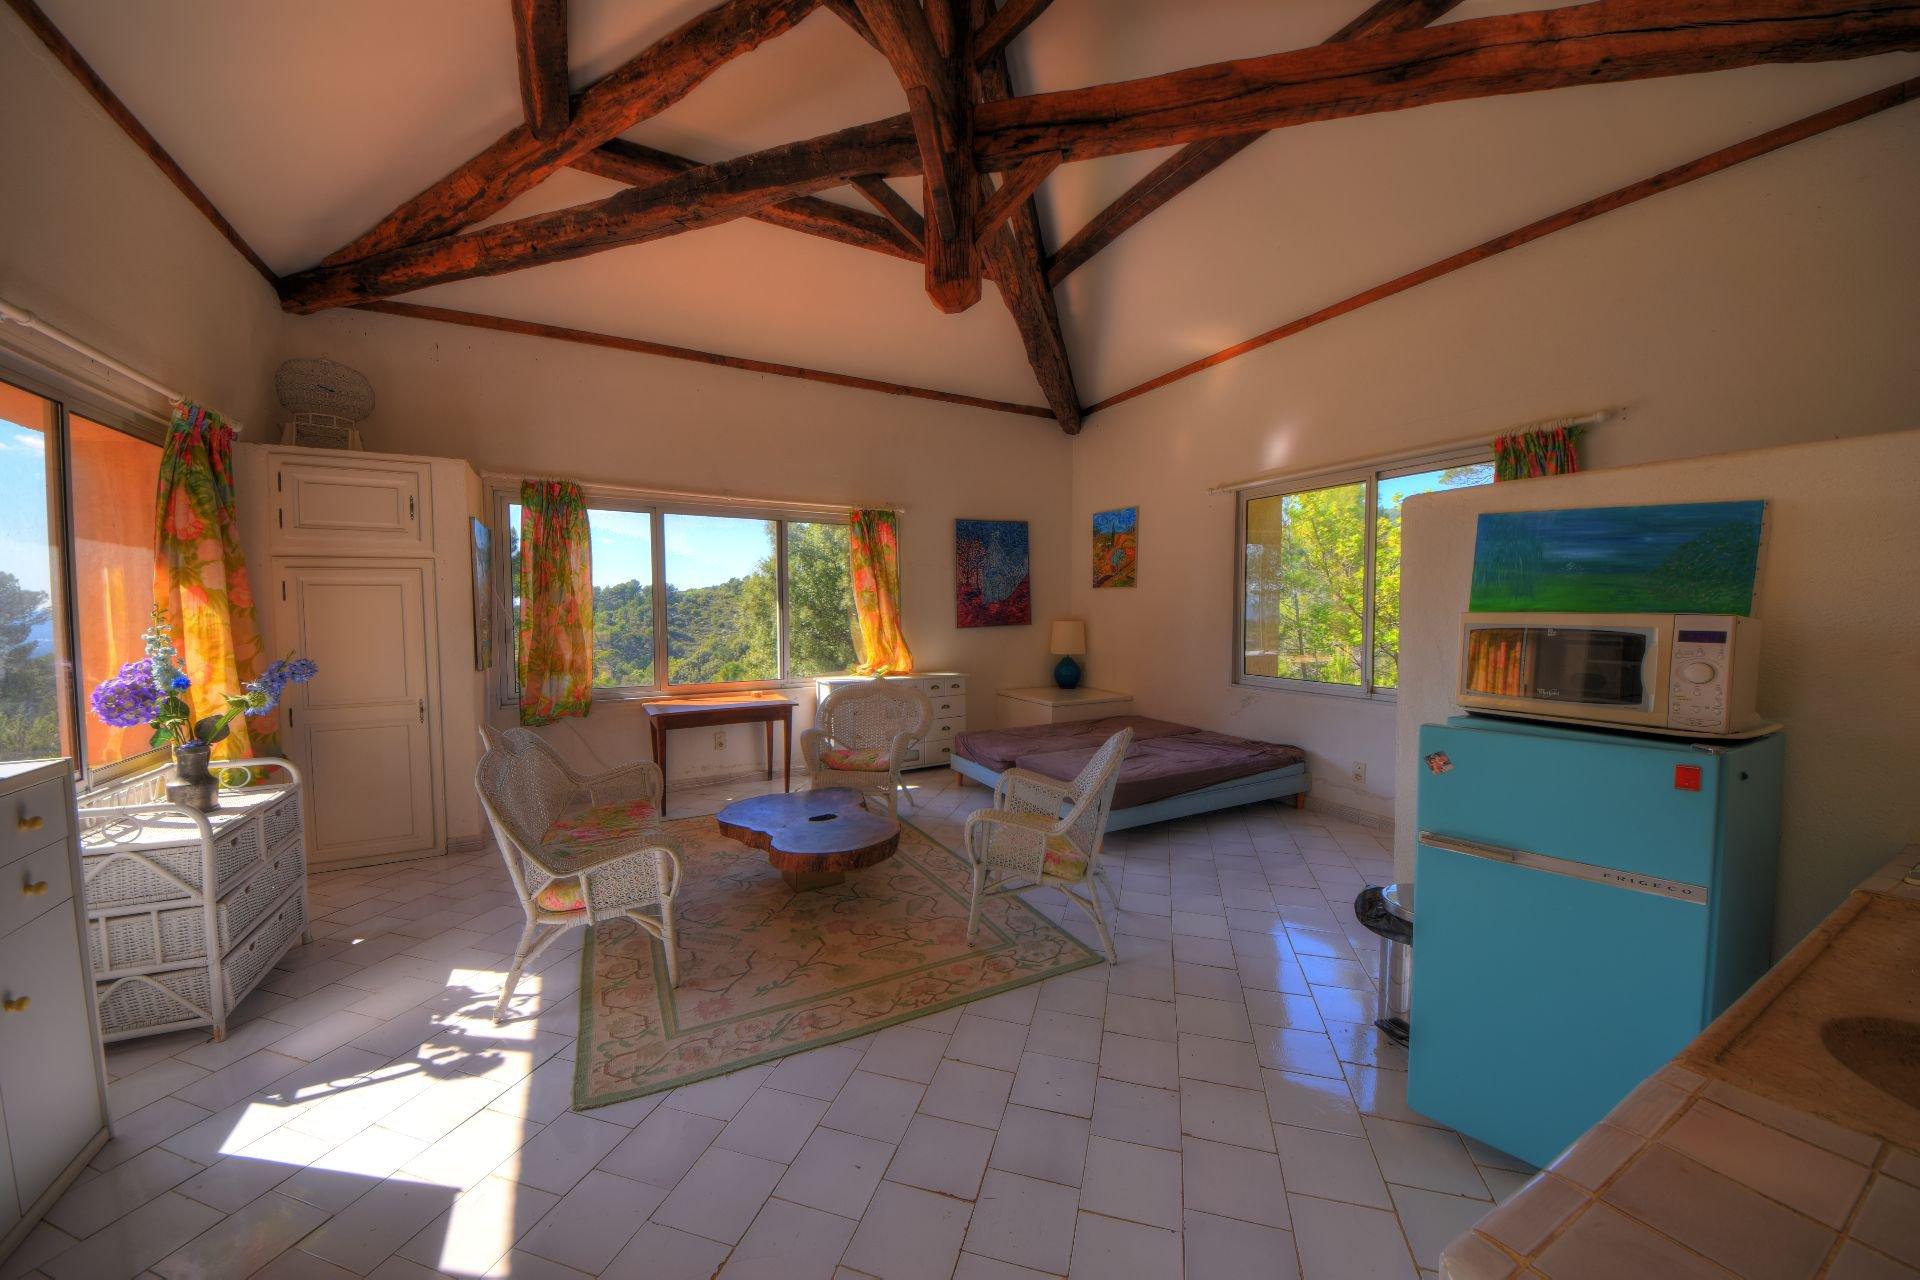 Intérieur de la maison d'amis de la bergerie rénovée Tourtour, Var, Provence